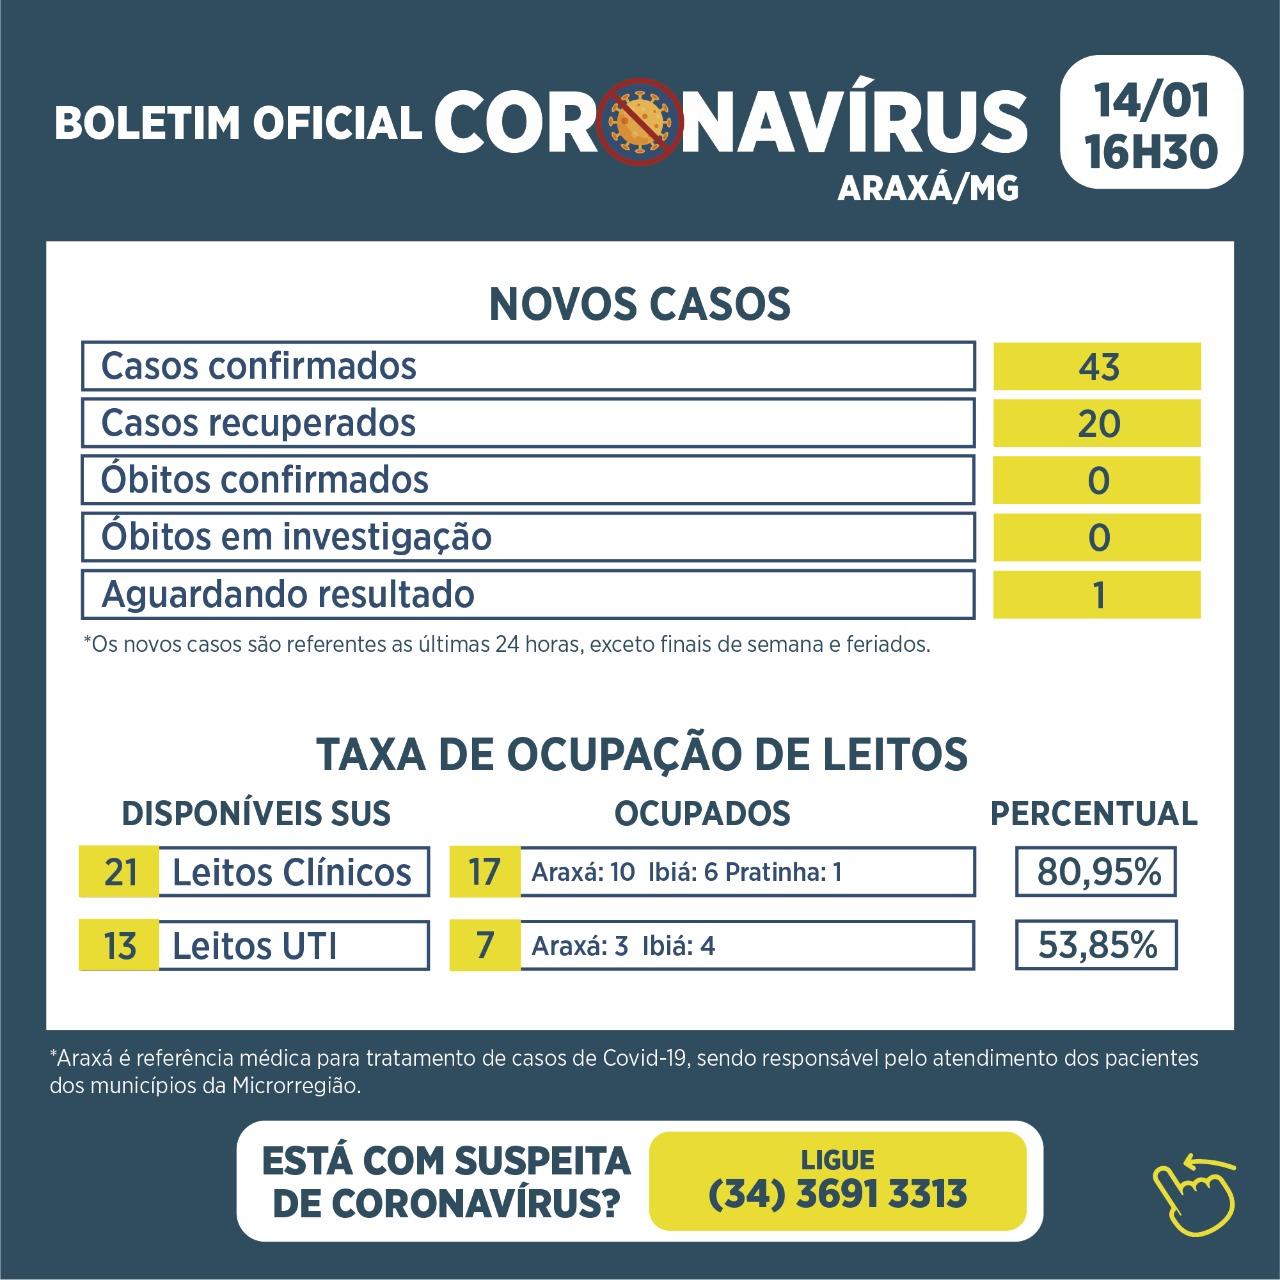 Boletim registra 43 novos casos de Covid-19 e 20 recuperados nas últimas 24 horas 1